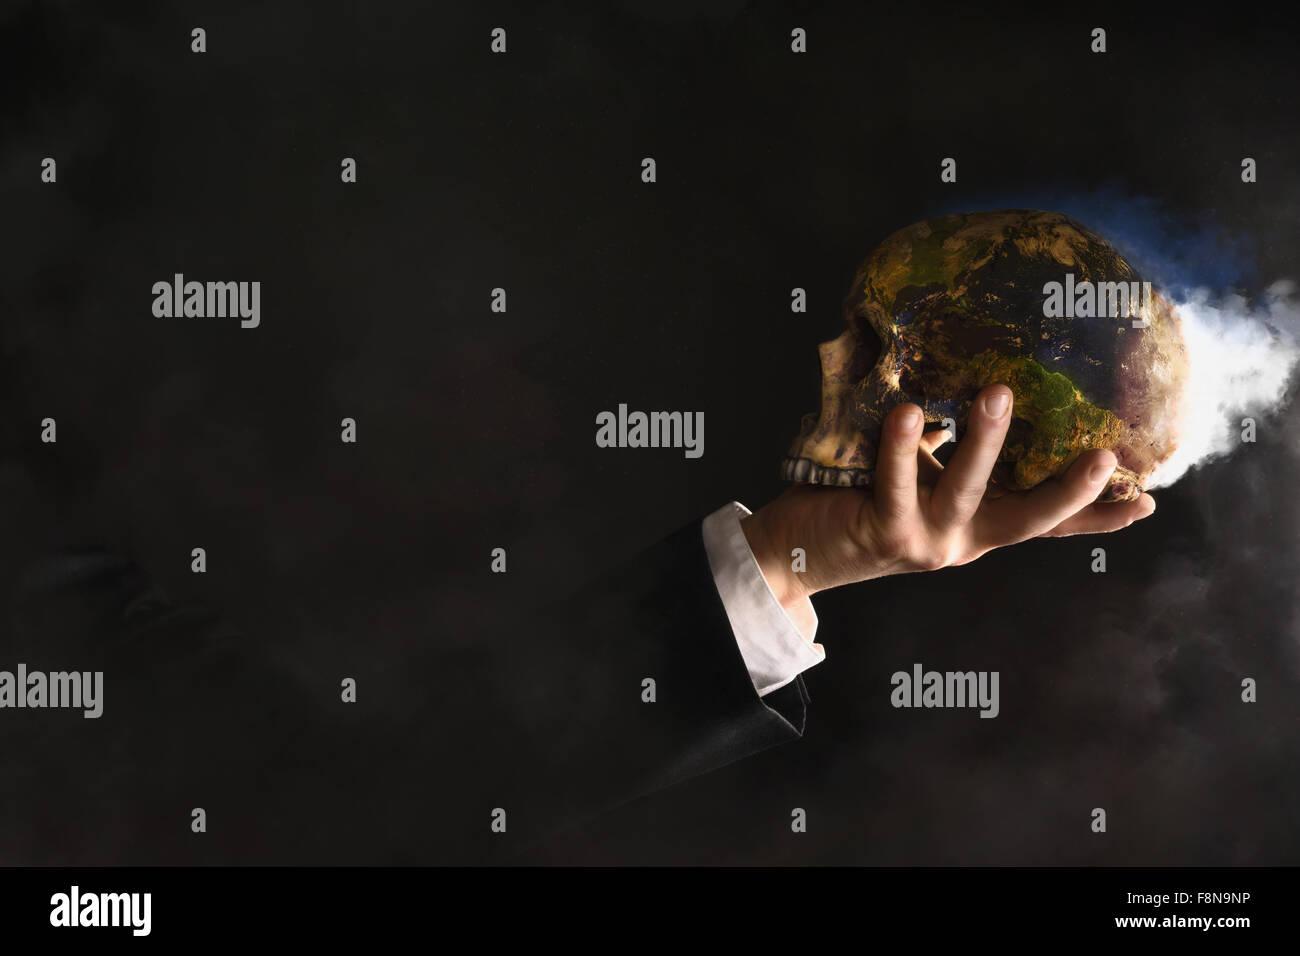 Empresario sosteniendo un globo ardiente mientras se transformó en un cráneo Imagen De Stock